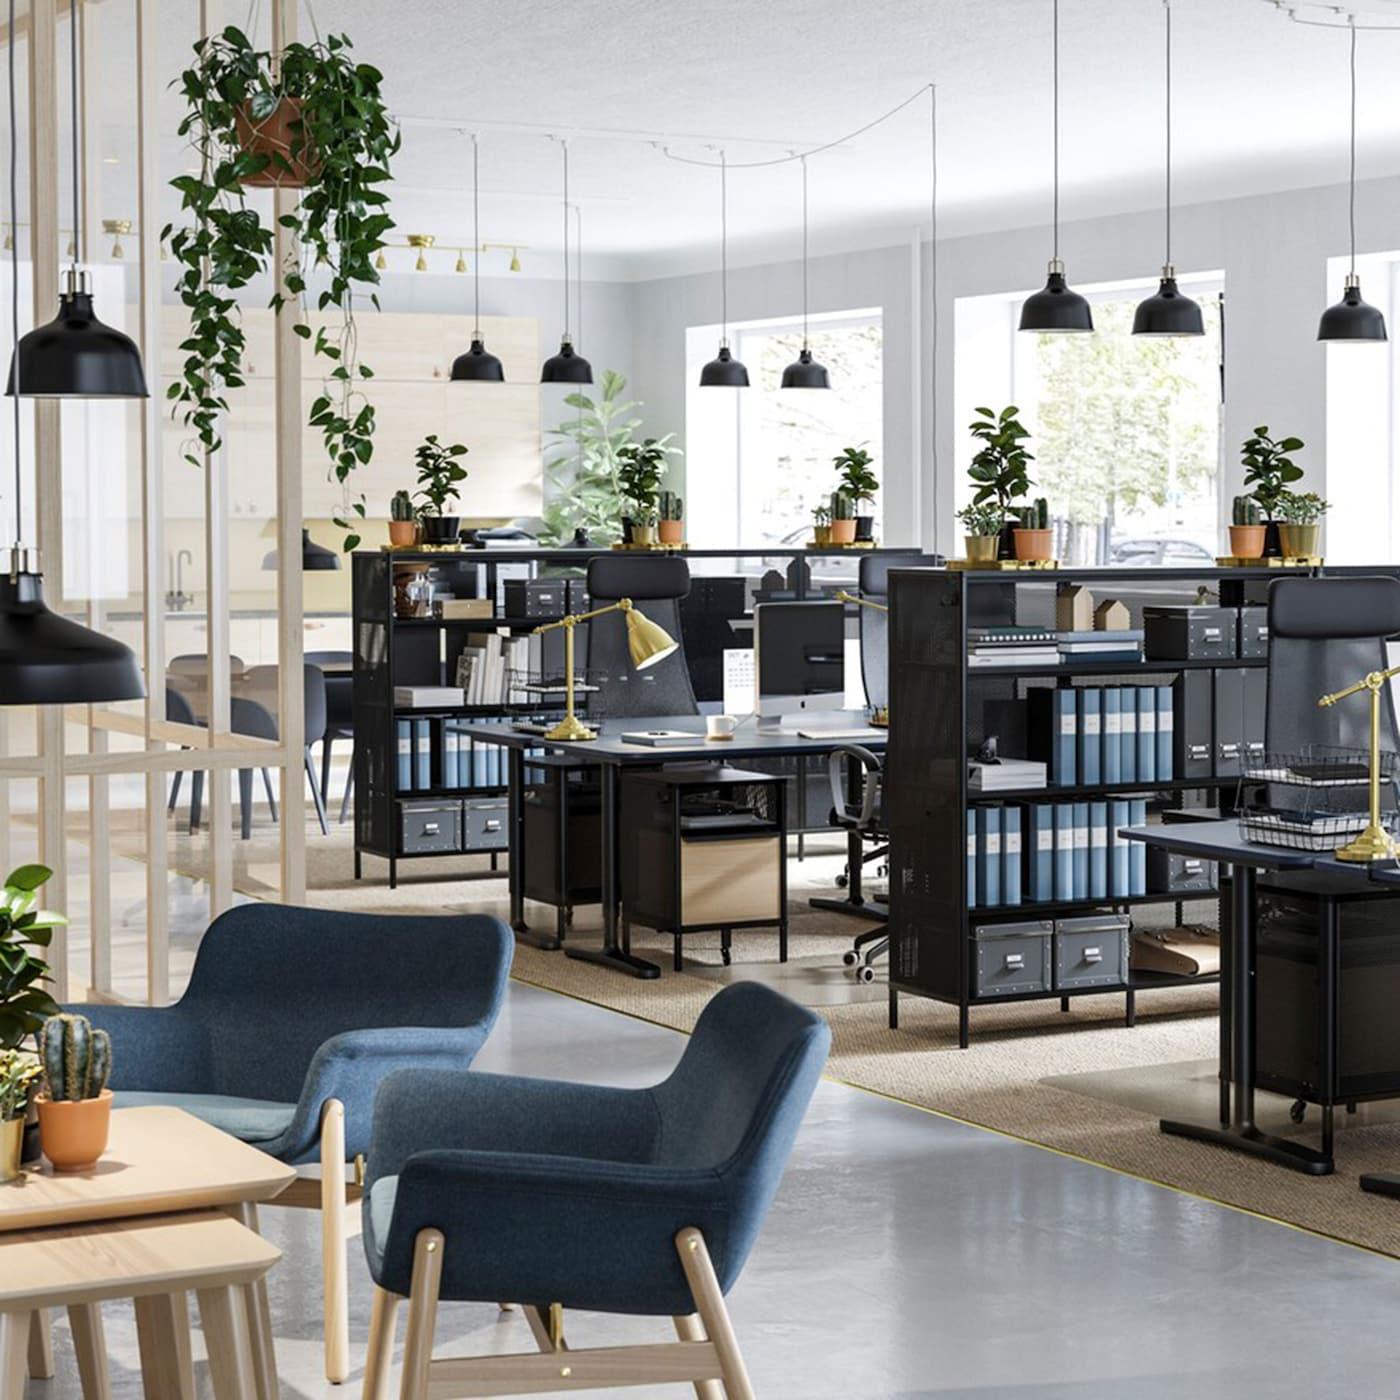 Mit funktionellen Möbeln aus der IKEA BEKANNT Serie mit Sitz- und Stehschreibtischen, wie hier BEKANNT Sitz- und Stehschreibtisch mit blauer Linoleumtischplatte, Regalen und cleverer Aufbewahrung und vielen Grünpflanzen lässt sich leicht eine Arbeitsumgebung schaffen, in der man kreativ arbeiten kann.